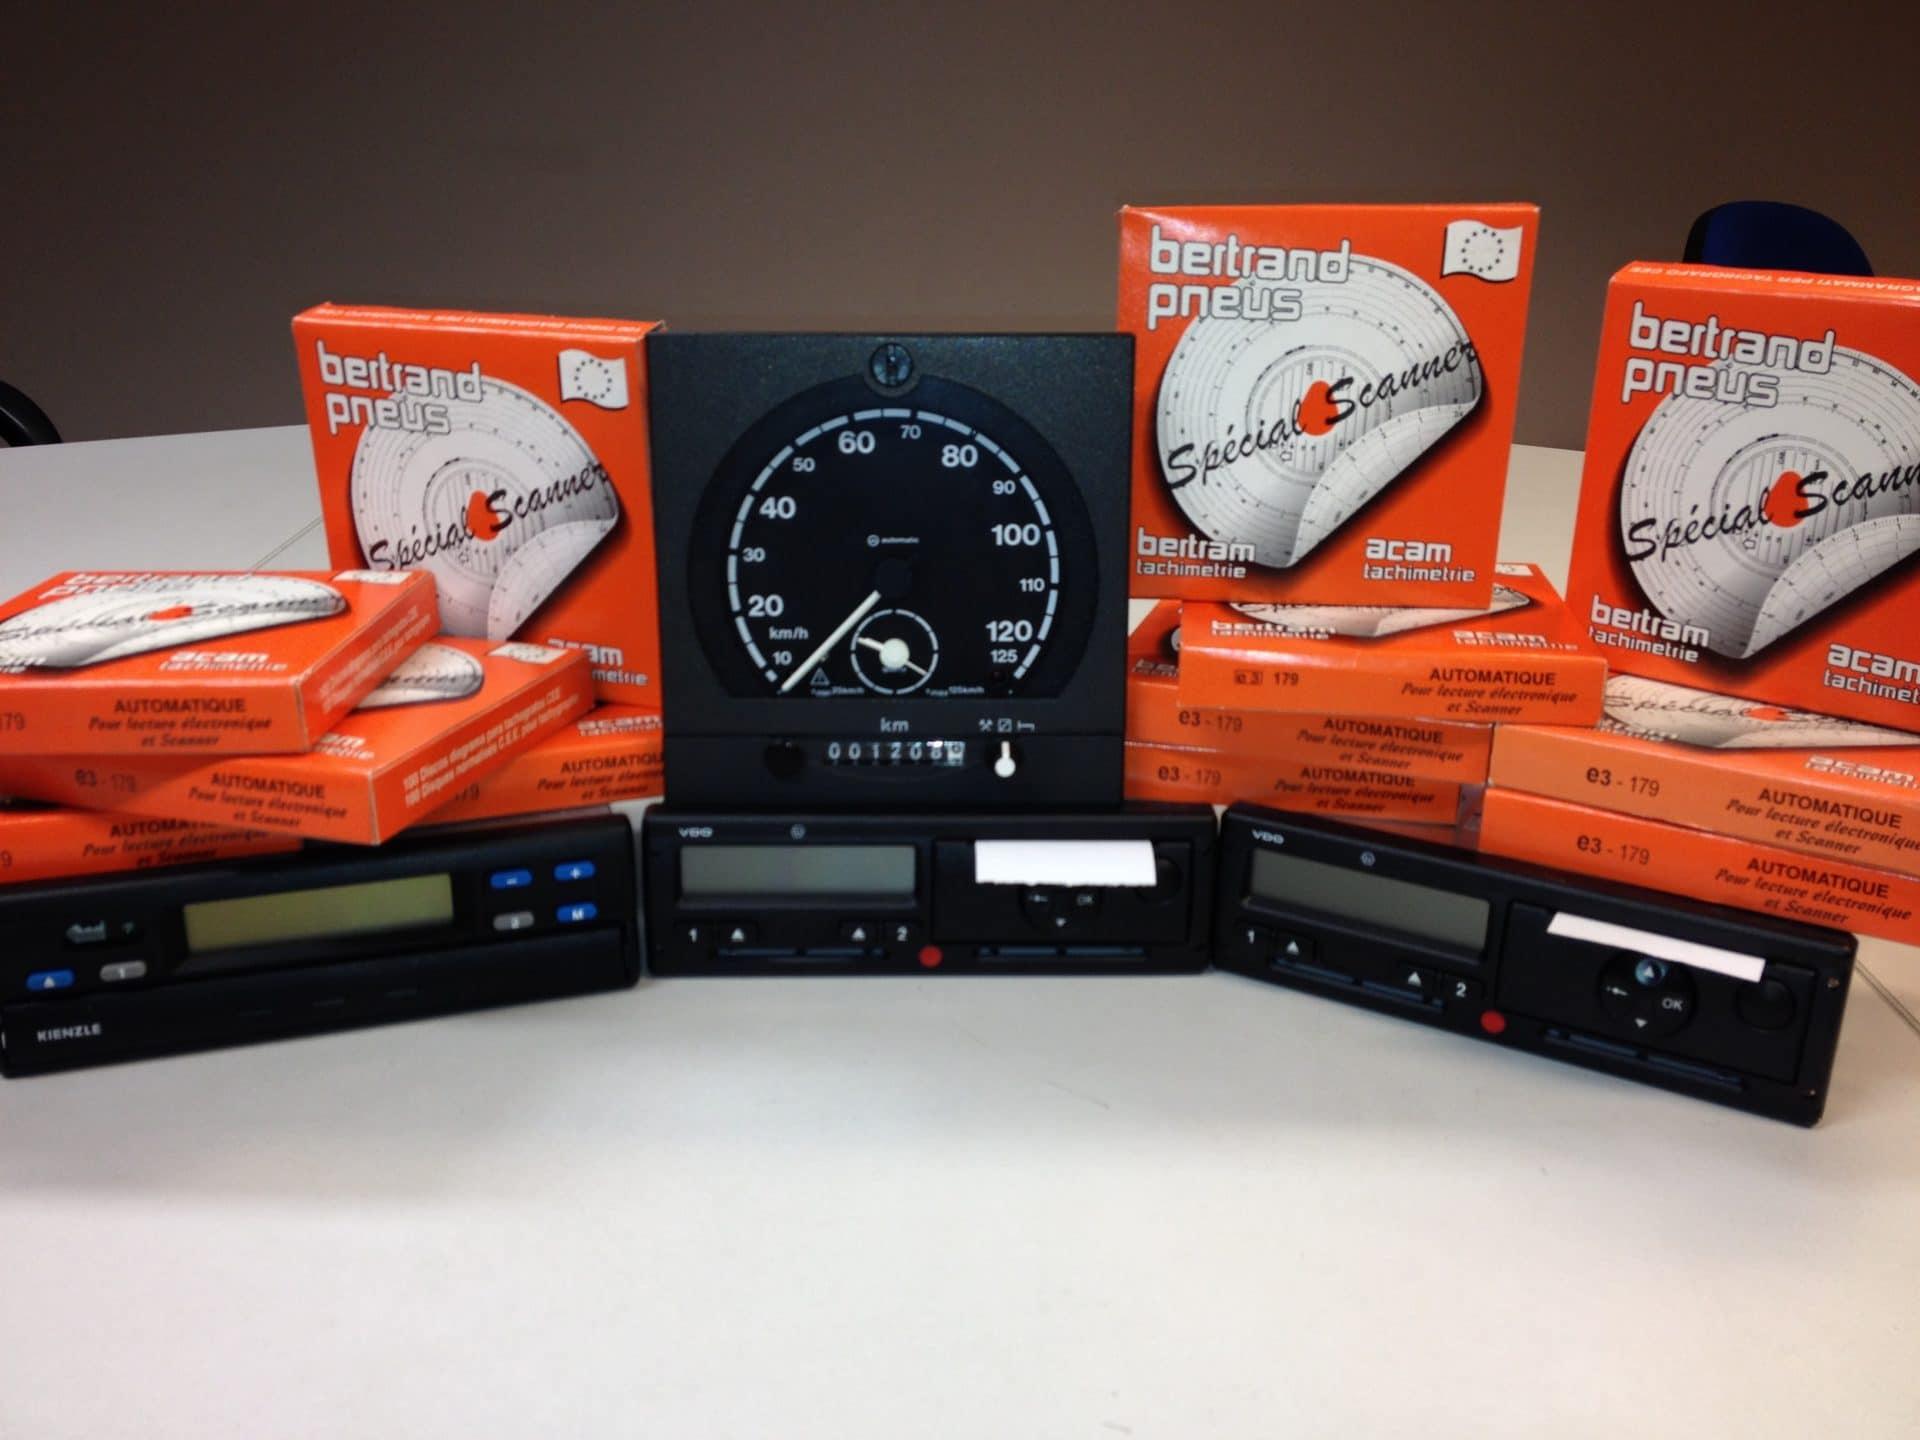 bertrand pneus distribue tachymétrie analogique numérique